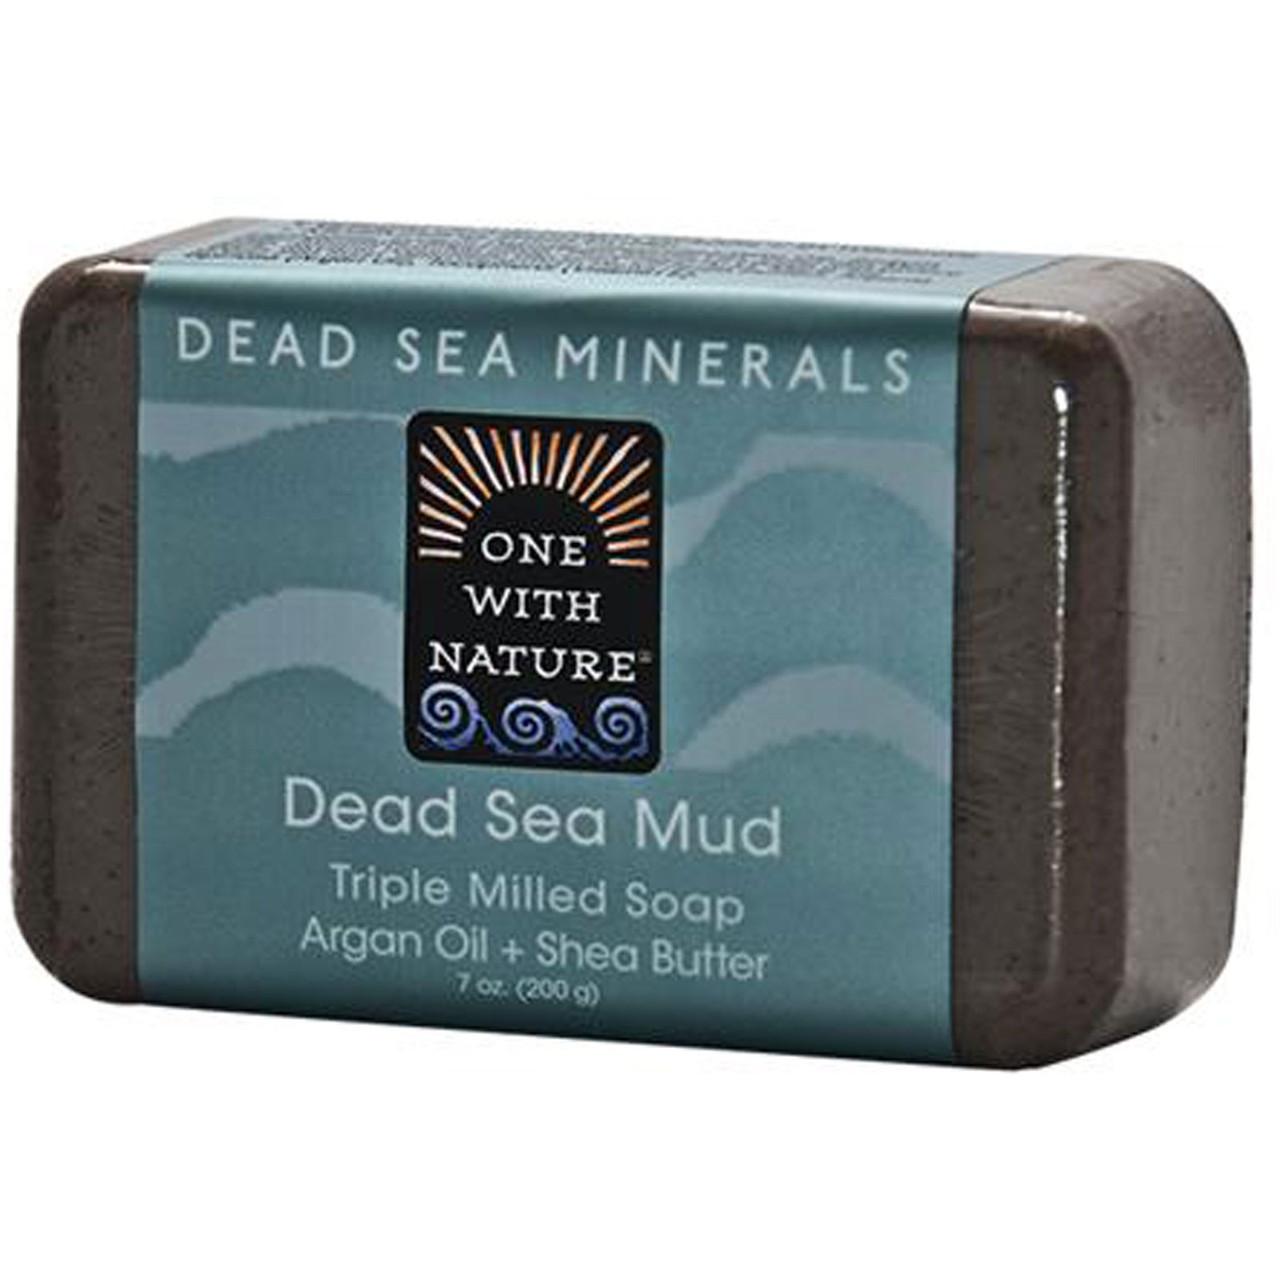 Мыло из минералов Мертвого моря One with Nature, 200 г